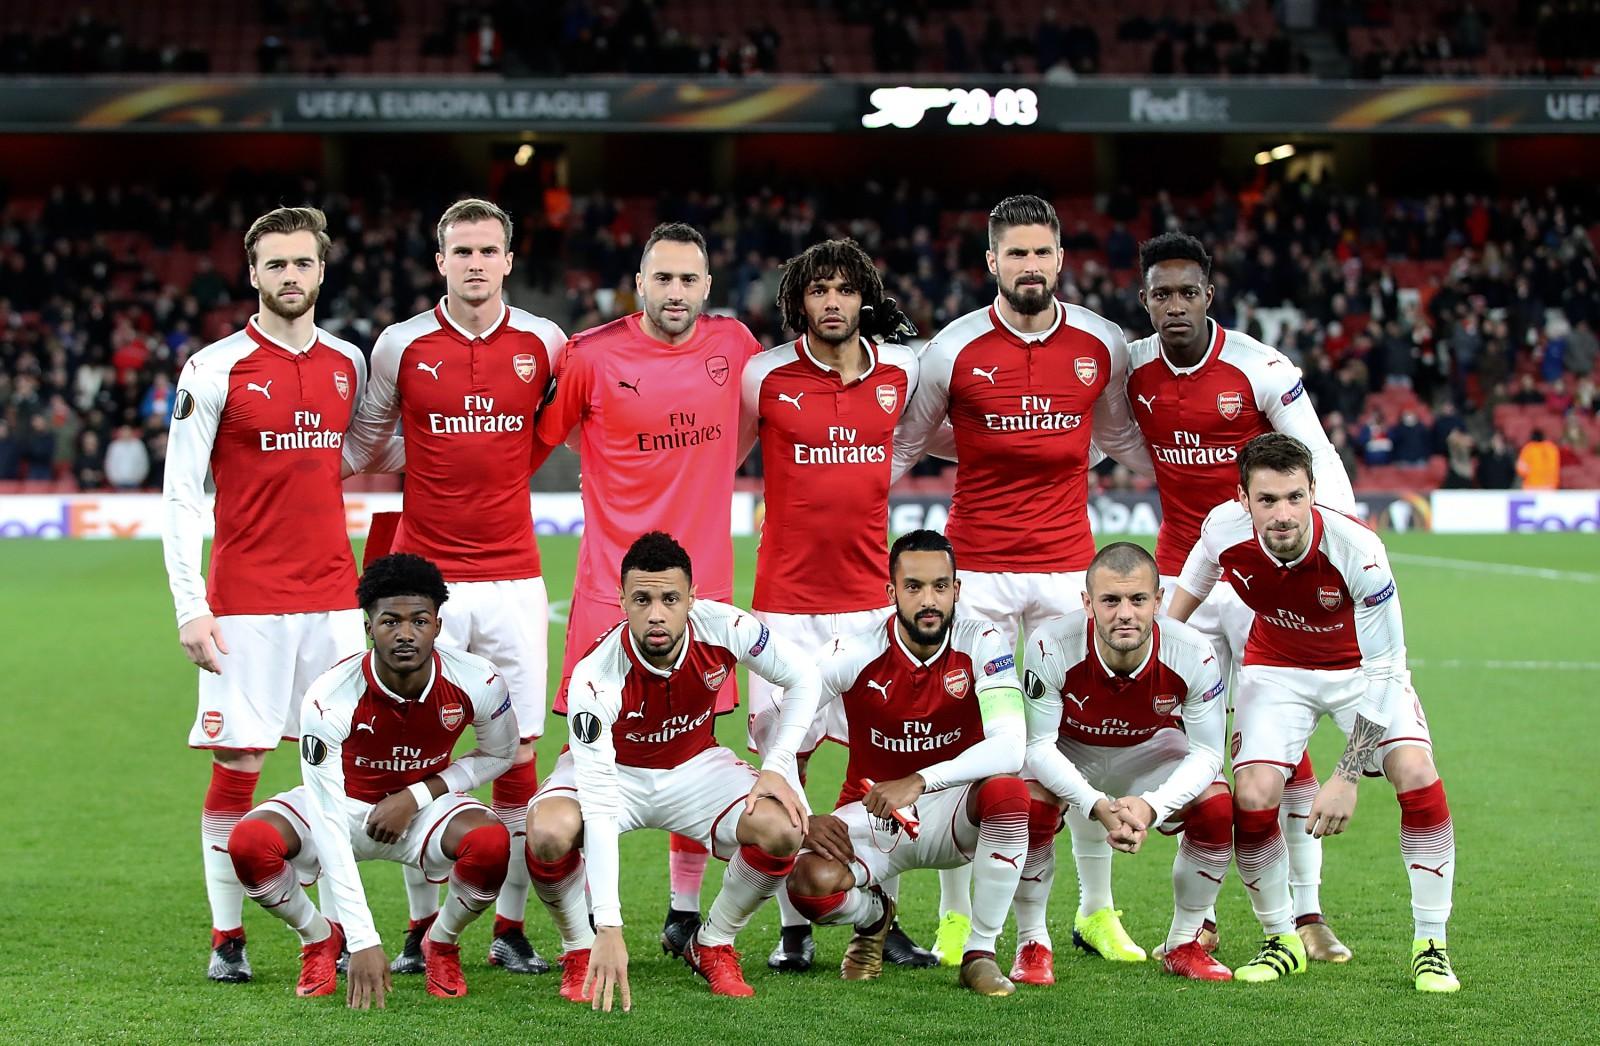 """Clubul de fotbal """"Arsenal"""" își atenționează fanii care vor să meargă la meciul cu ȚSKA, în Moscova, despre """"posibile provocări"""""""